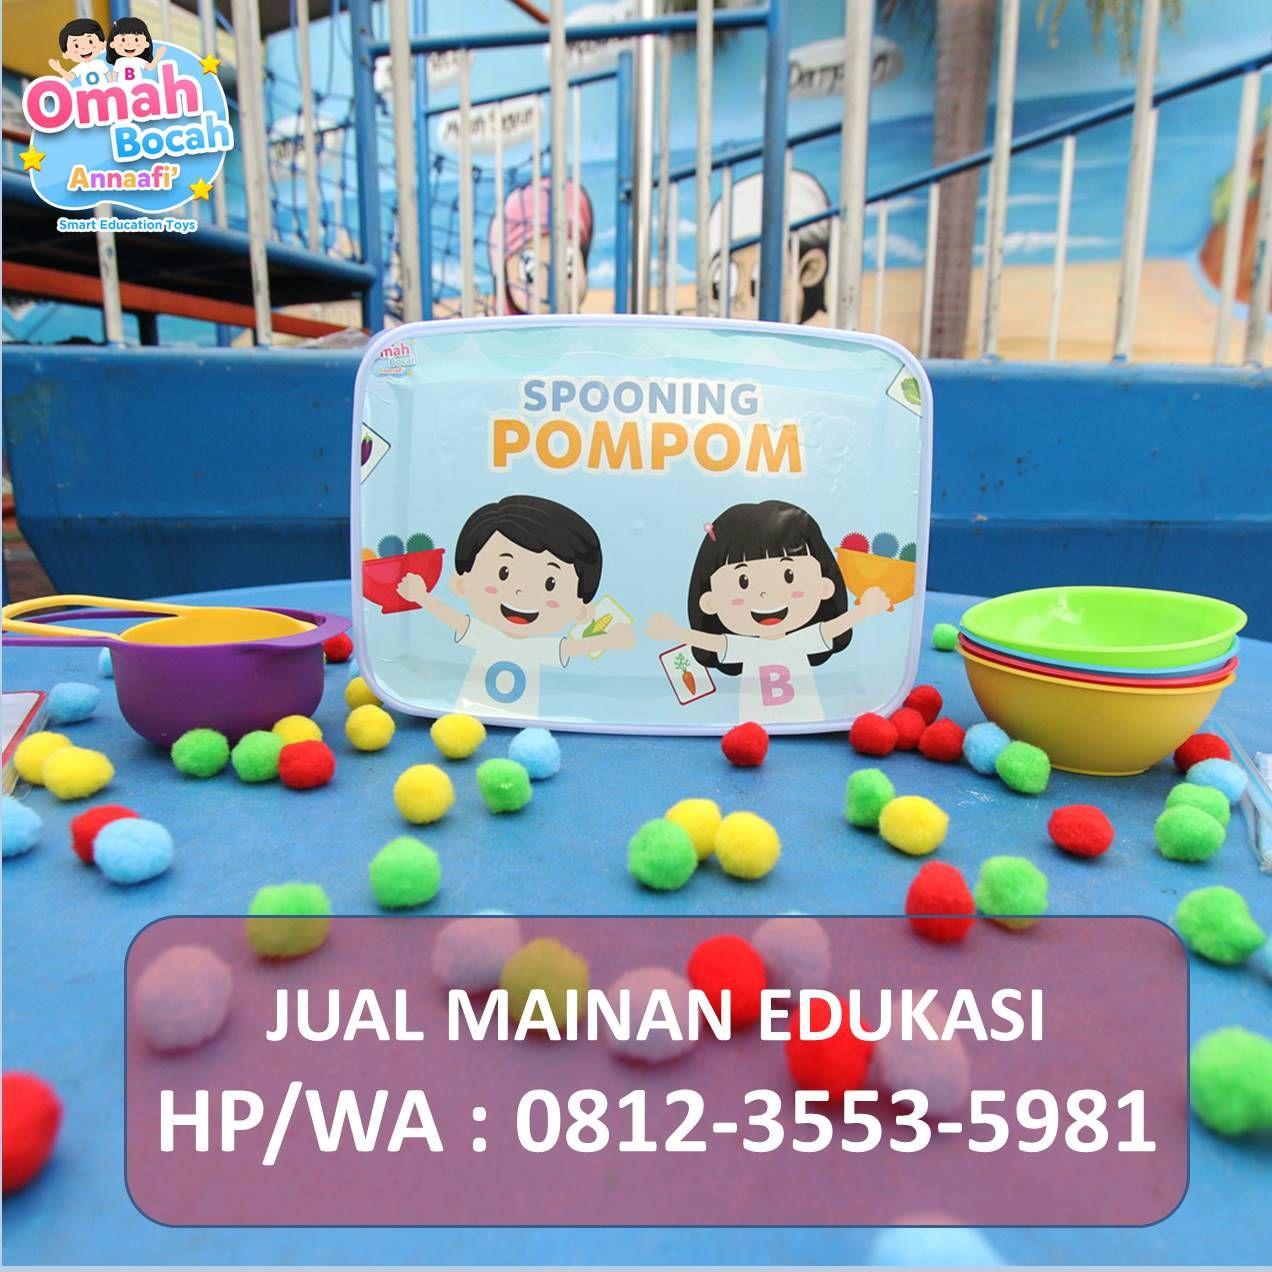 New Tlp Wa 0812 3553 5981 Toko Online Mainan Anak Omah Bocah Annaafi Malang Di 2020 Mainan Mainan Anak Anak